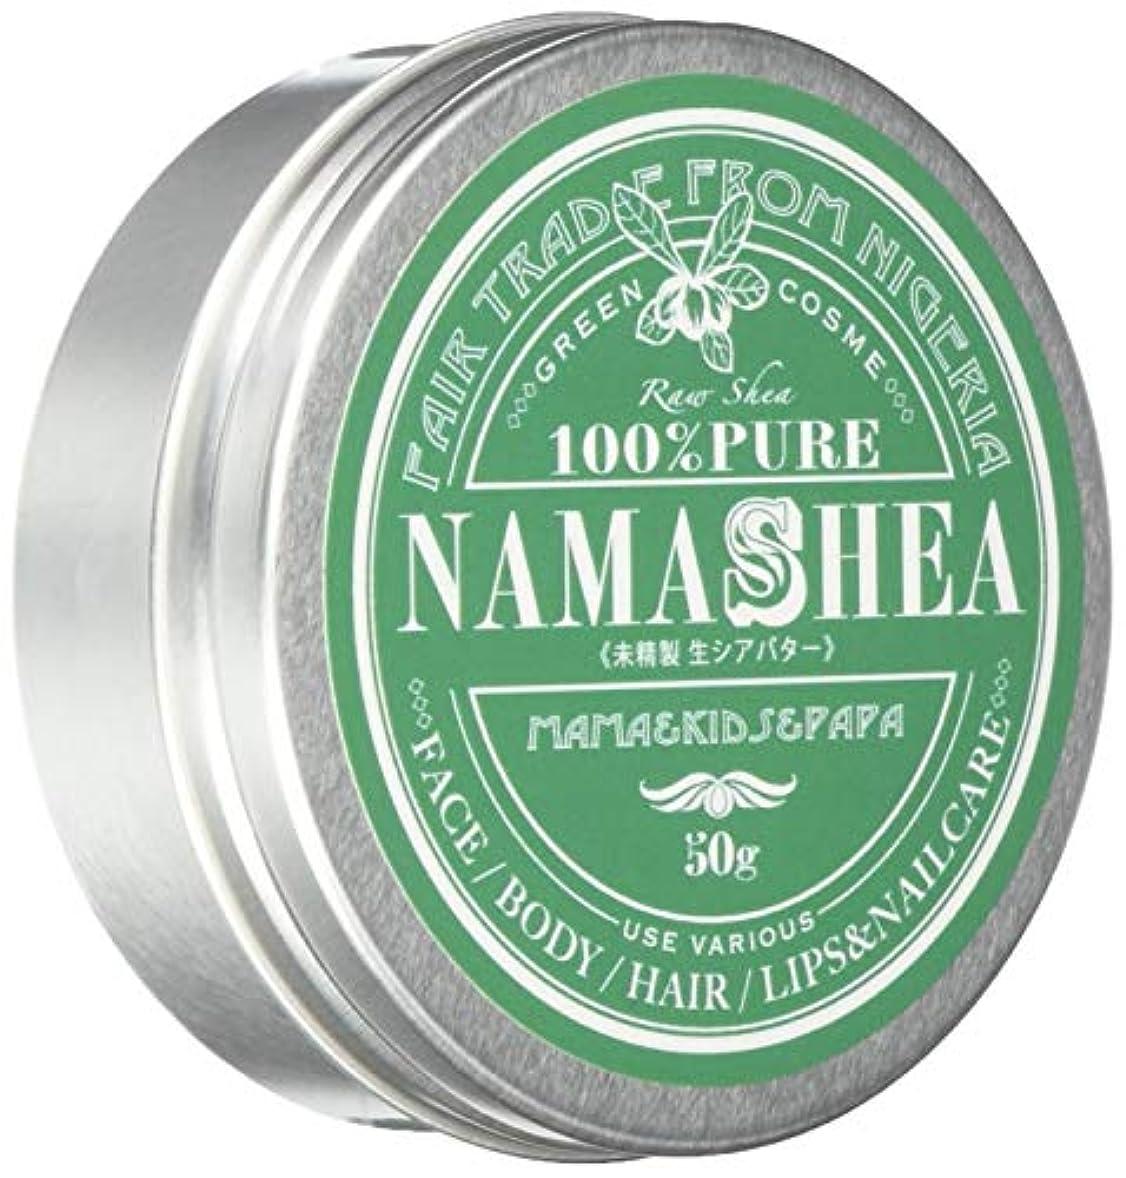 シャイ謝罪する国内のナマシア 未精製シアバター